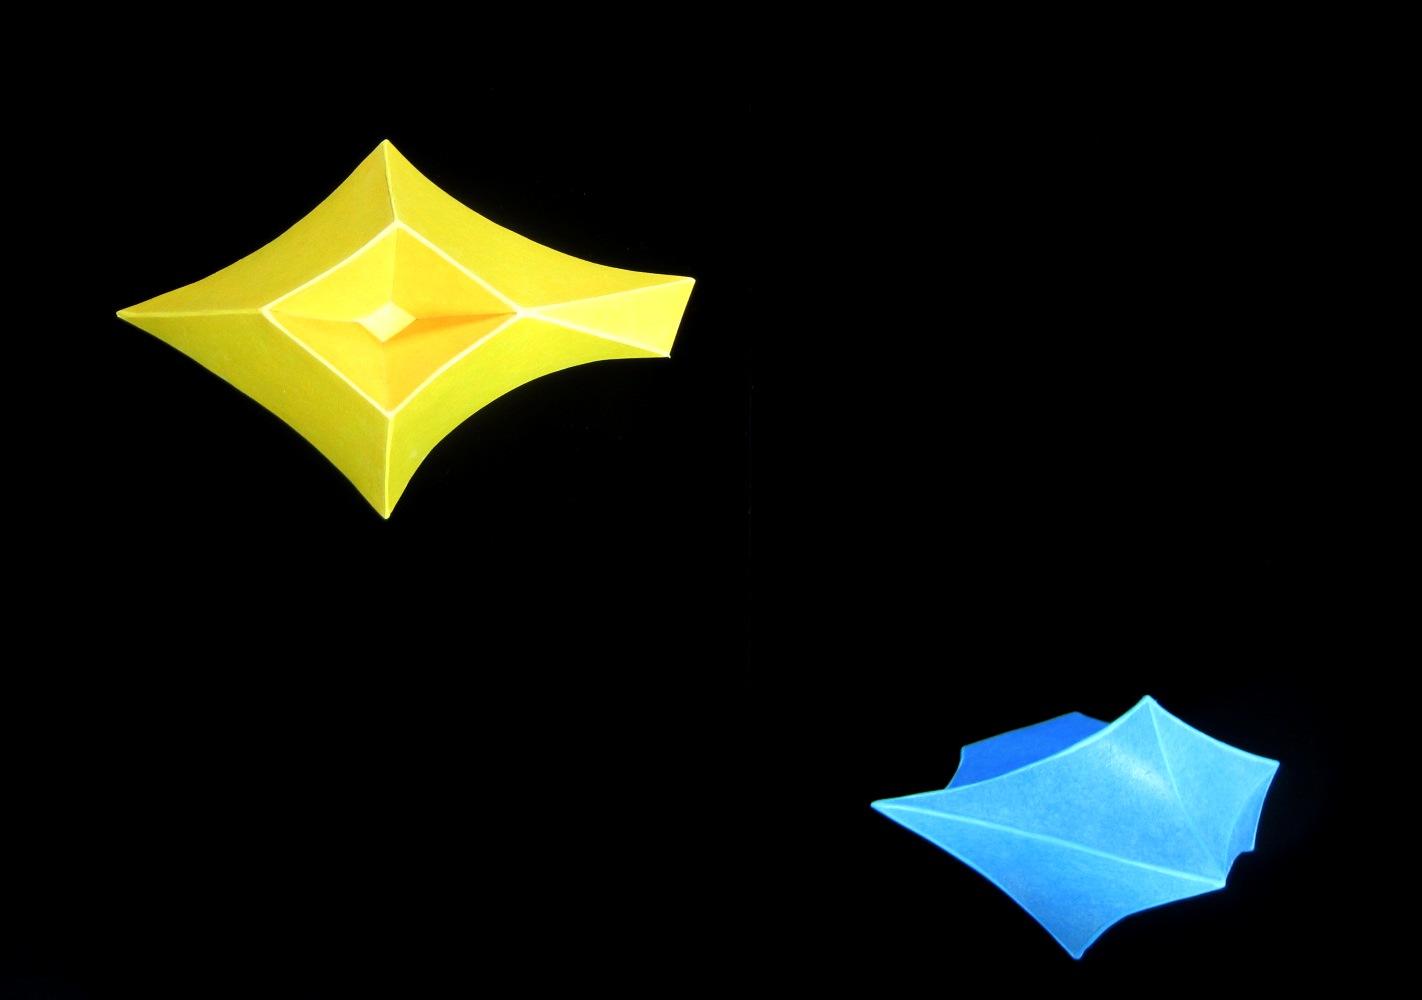 2212)「毛内やすはる<美術作家> [結晶]」 JRタワーARTBOX 9月1日(日)~11月30日(土)_f0126829_859875.jpg